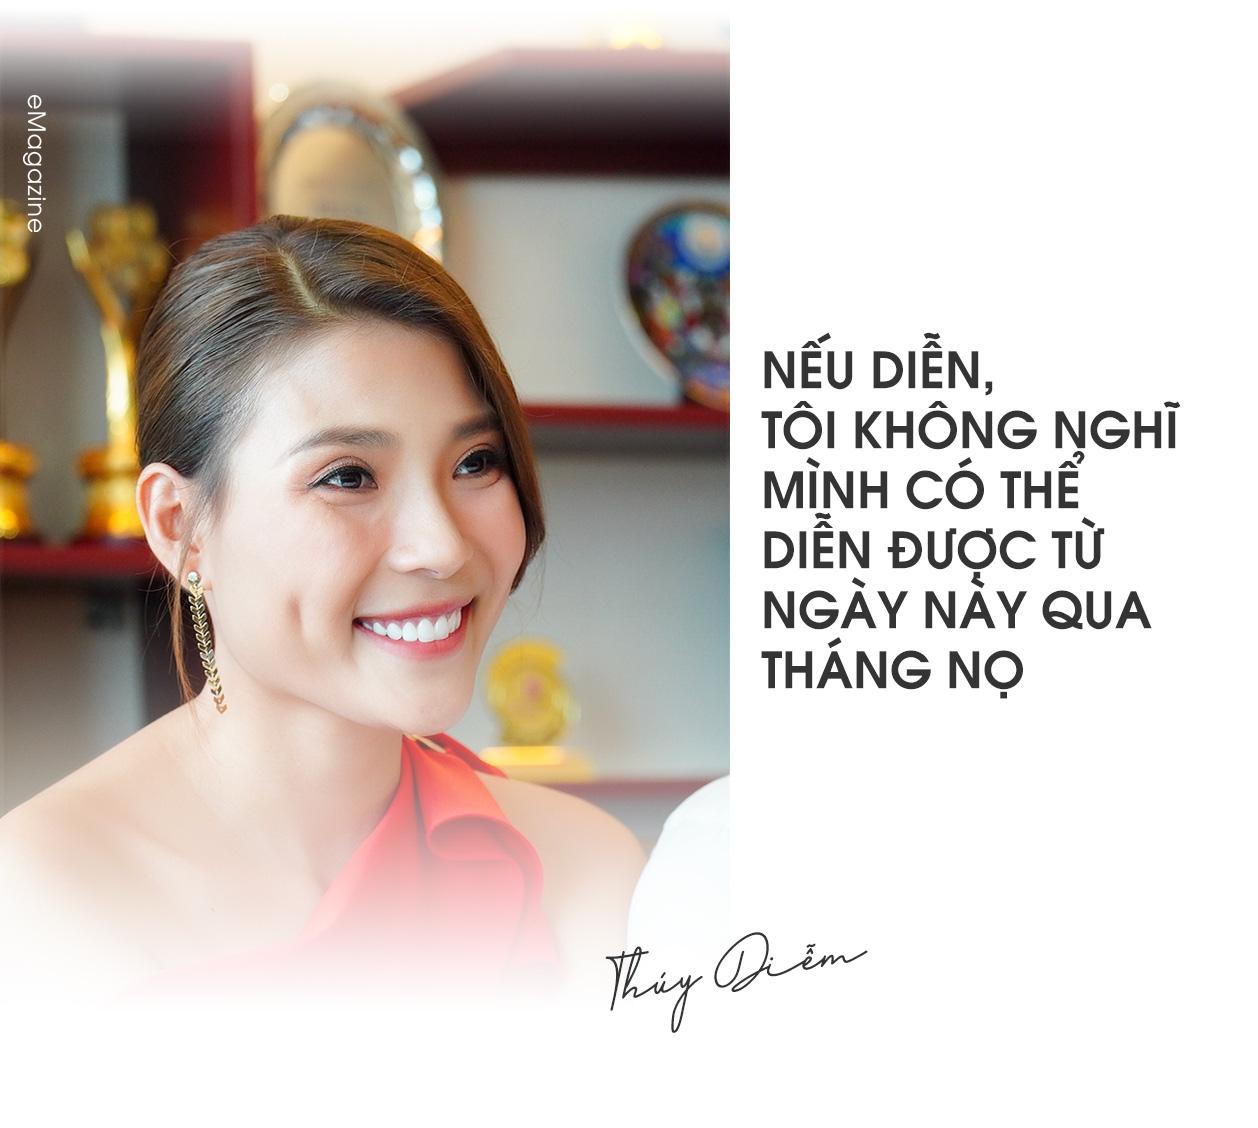 [eMagazine] Cặp đôi Lương Thế Thành - Thúy Diễm mạnh miệng...  tố nhau - Ảnh 5.